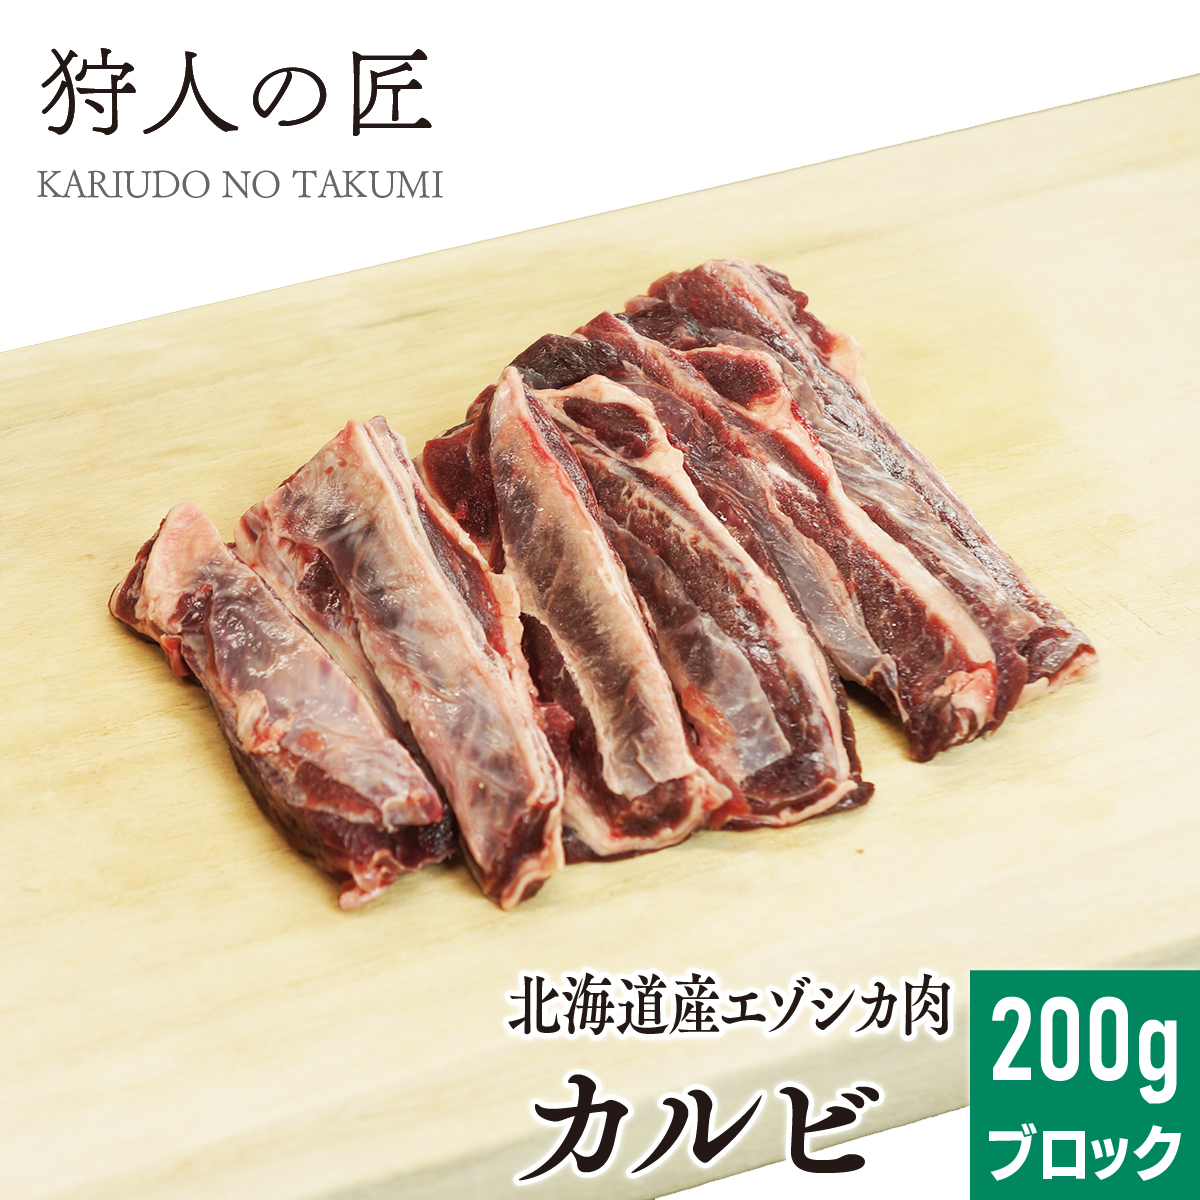 唯一脂身があり 期間限定送料無料 しょうが焼きや焼肉に最適 北海道稚内産 エゾ鹿肉 40%OFFの激安セール カルビ 200g ジビエ 無添加 ブロック 蝦夷鹿肉 えぞしか肉 エゾシカ肉